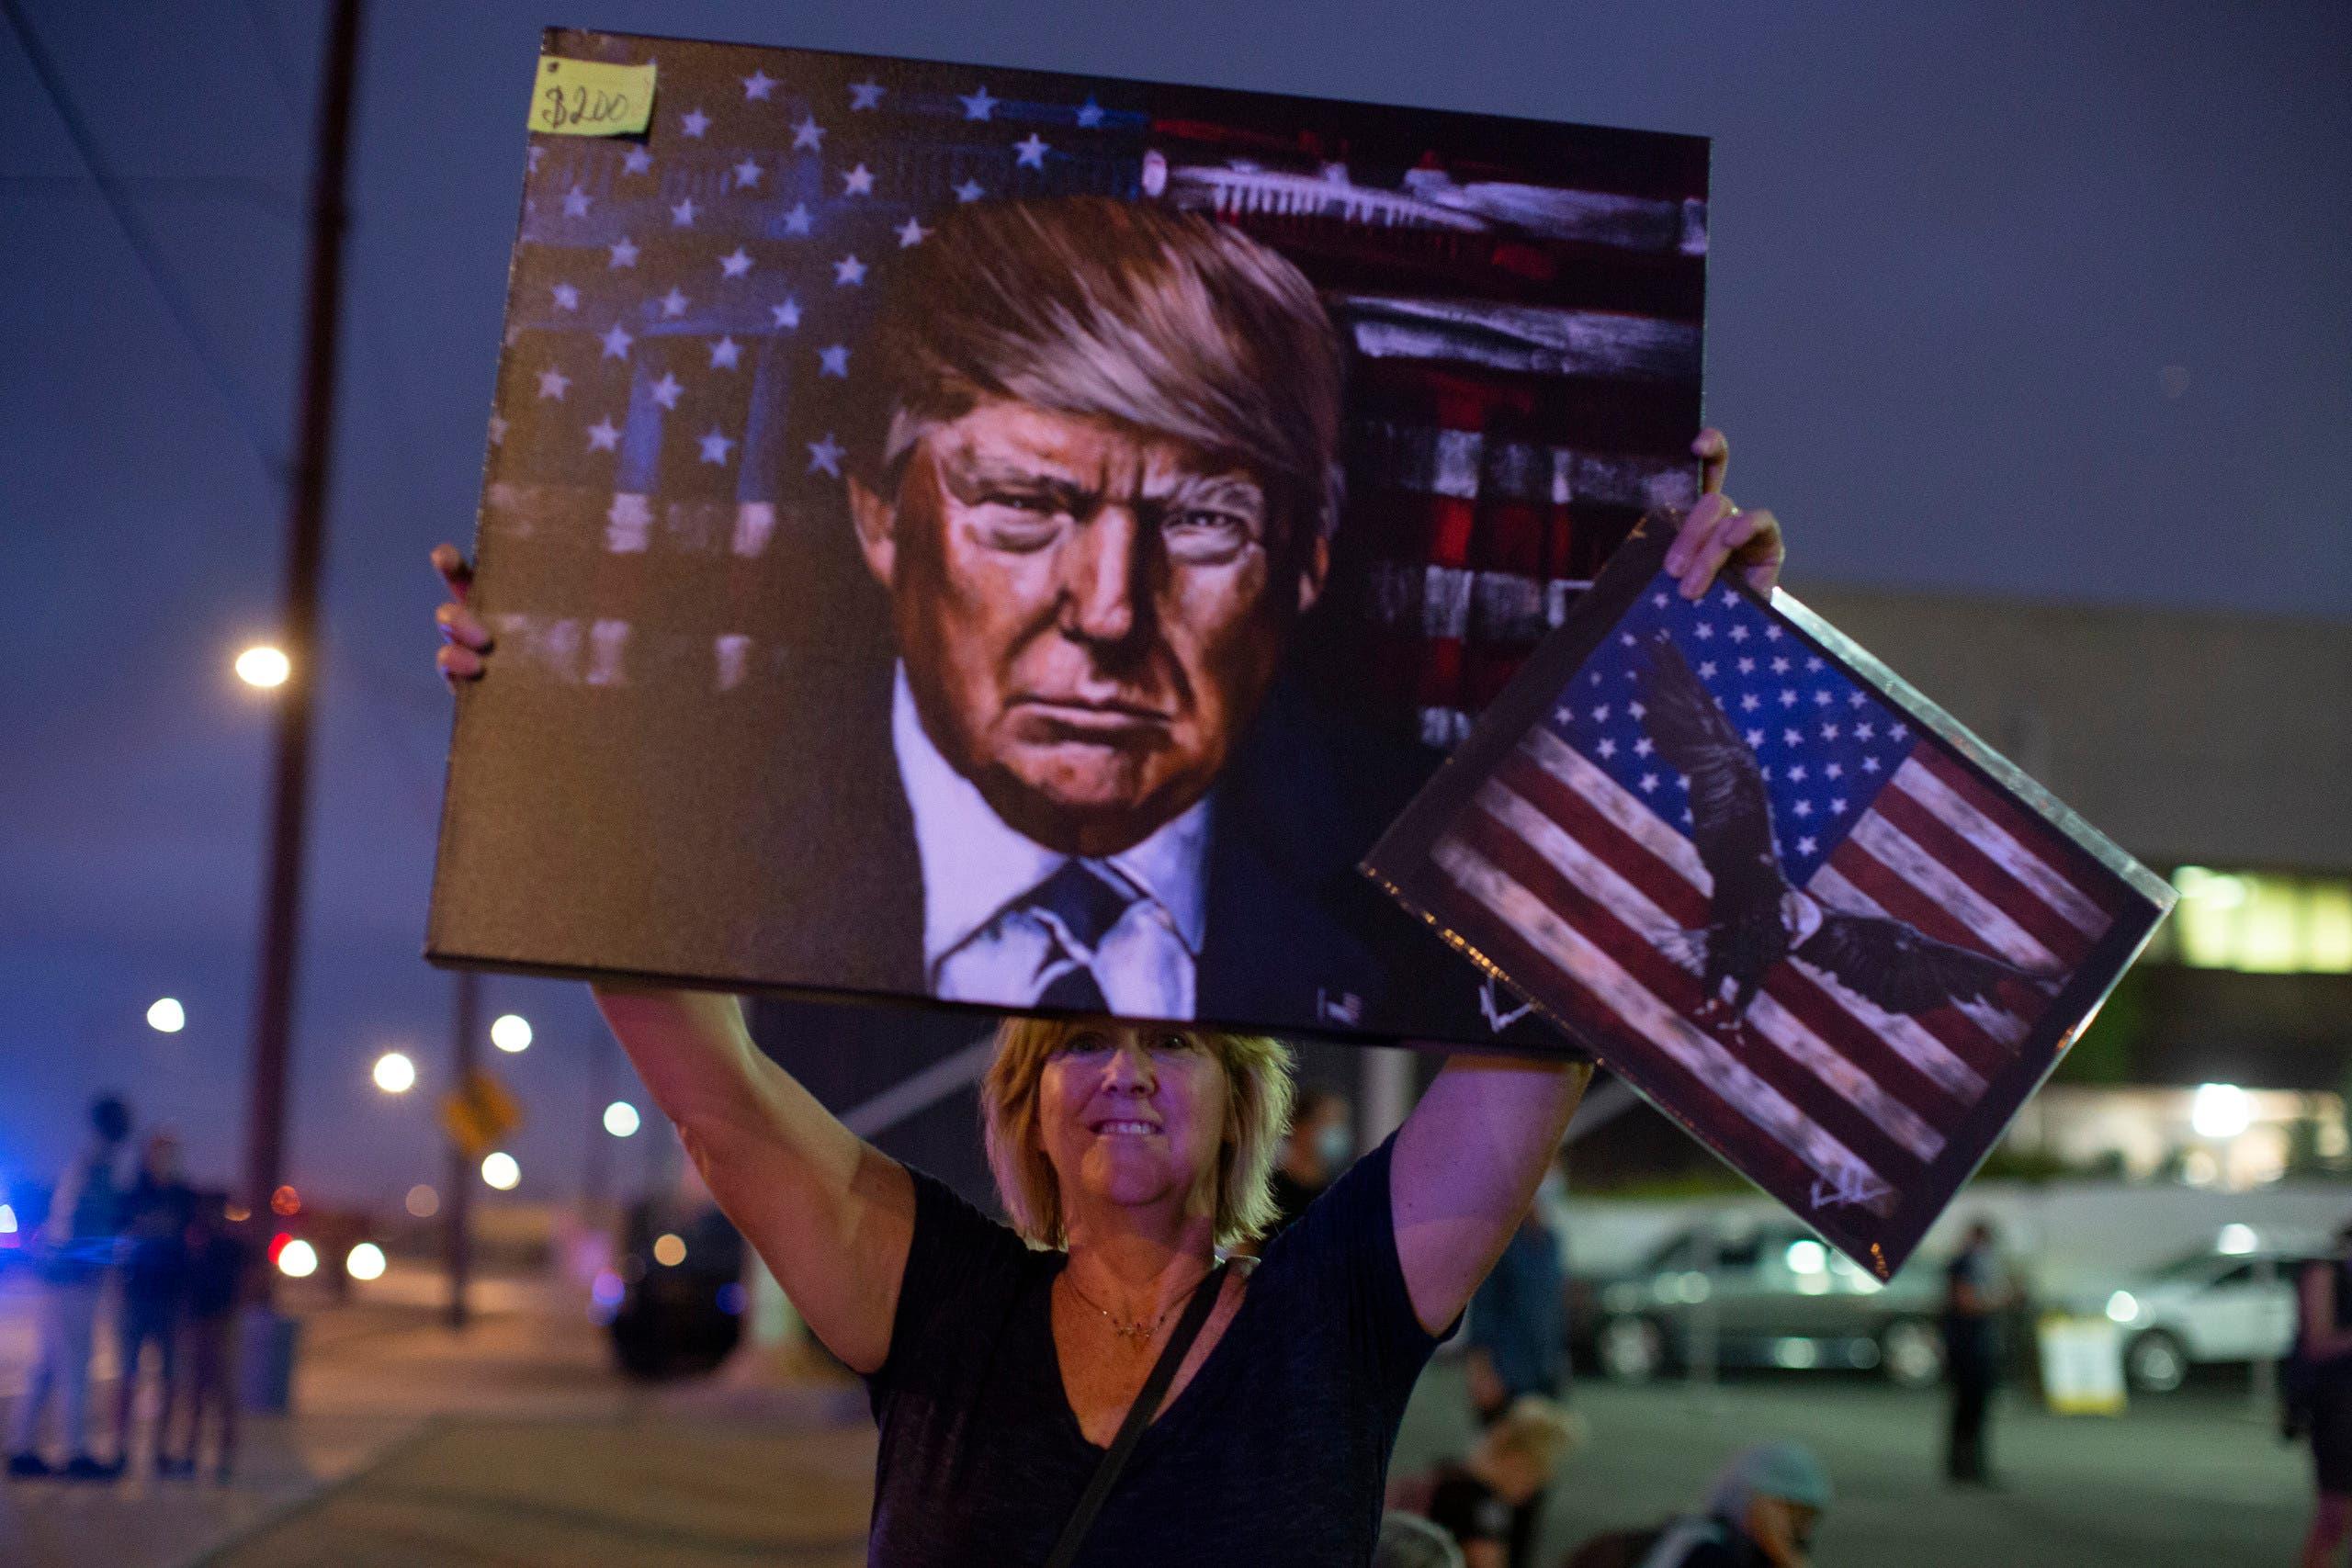 مناصرة لترمب ترفع صورته في أريزونا احتجاجاً على طريقة احتساب الأصوات